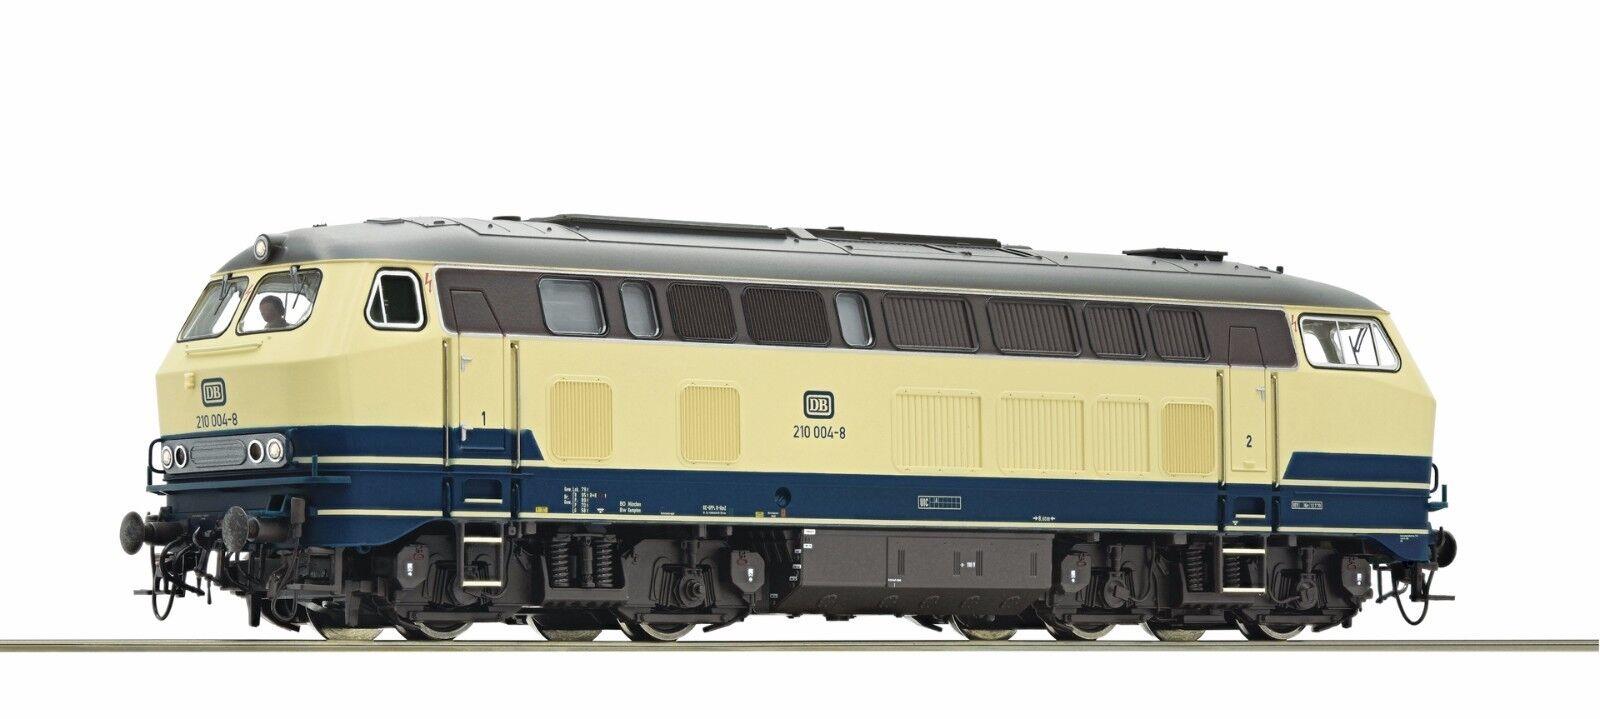 ROCO 73736 Diesellok 210 004-8 Beige T DB Ep IV